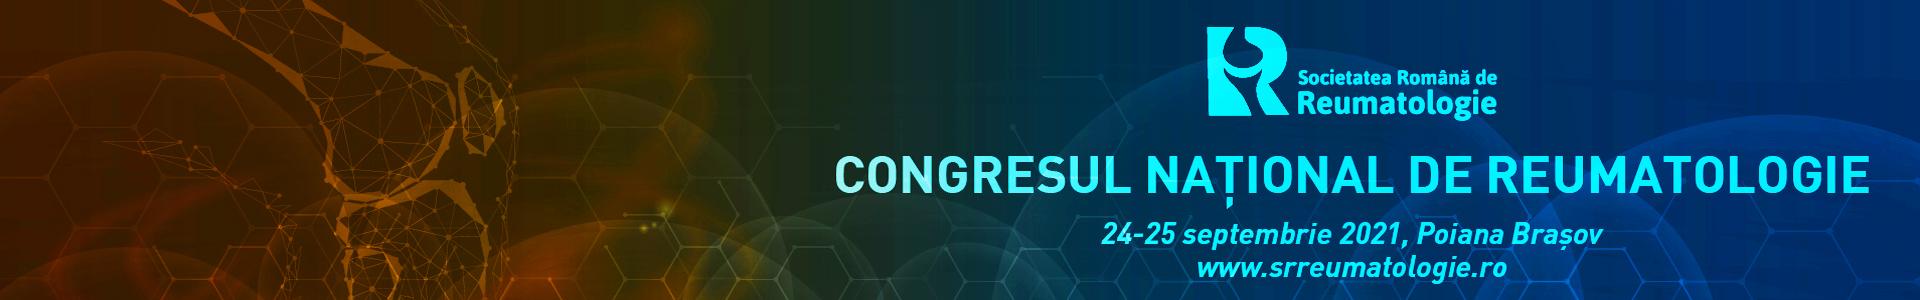 Congres national de Reumatologie 2021